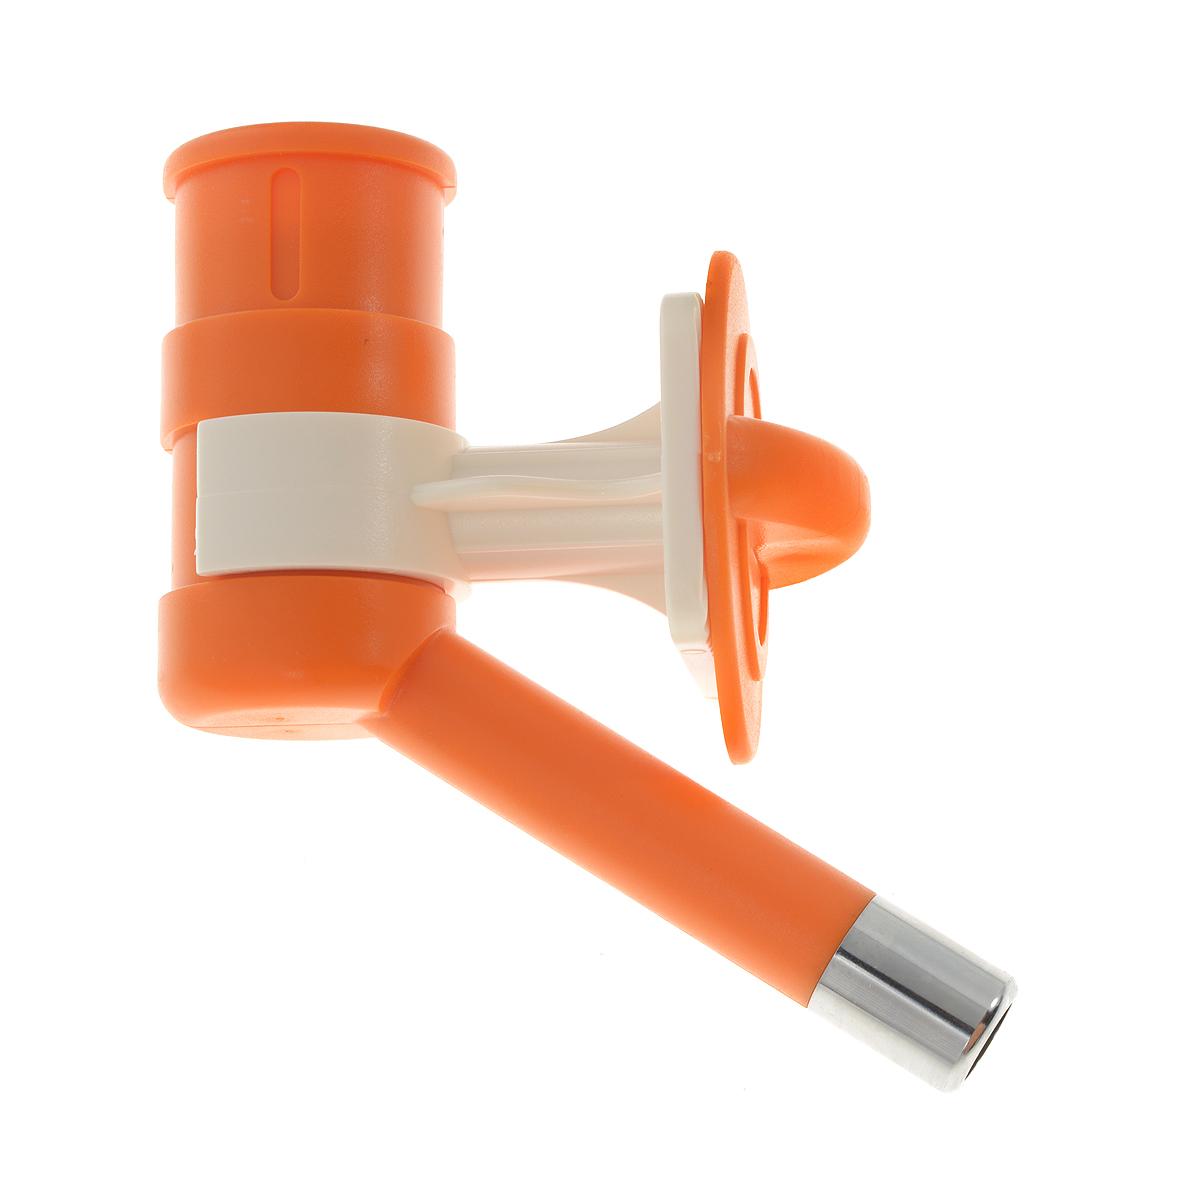 Автопоилка для животных, универсальная, цвет: оранжевый кормушка triol p510 автопоилка для животных регулировка высоты